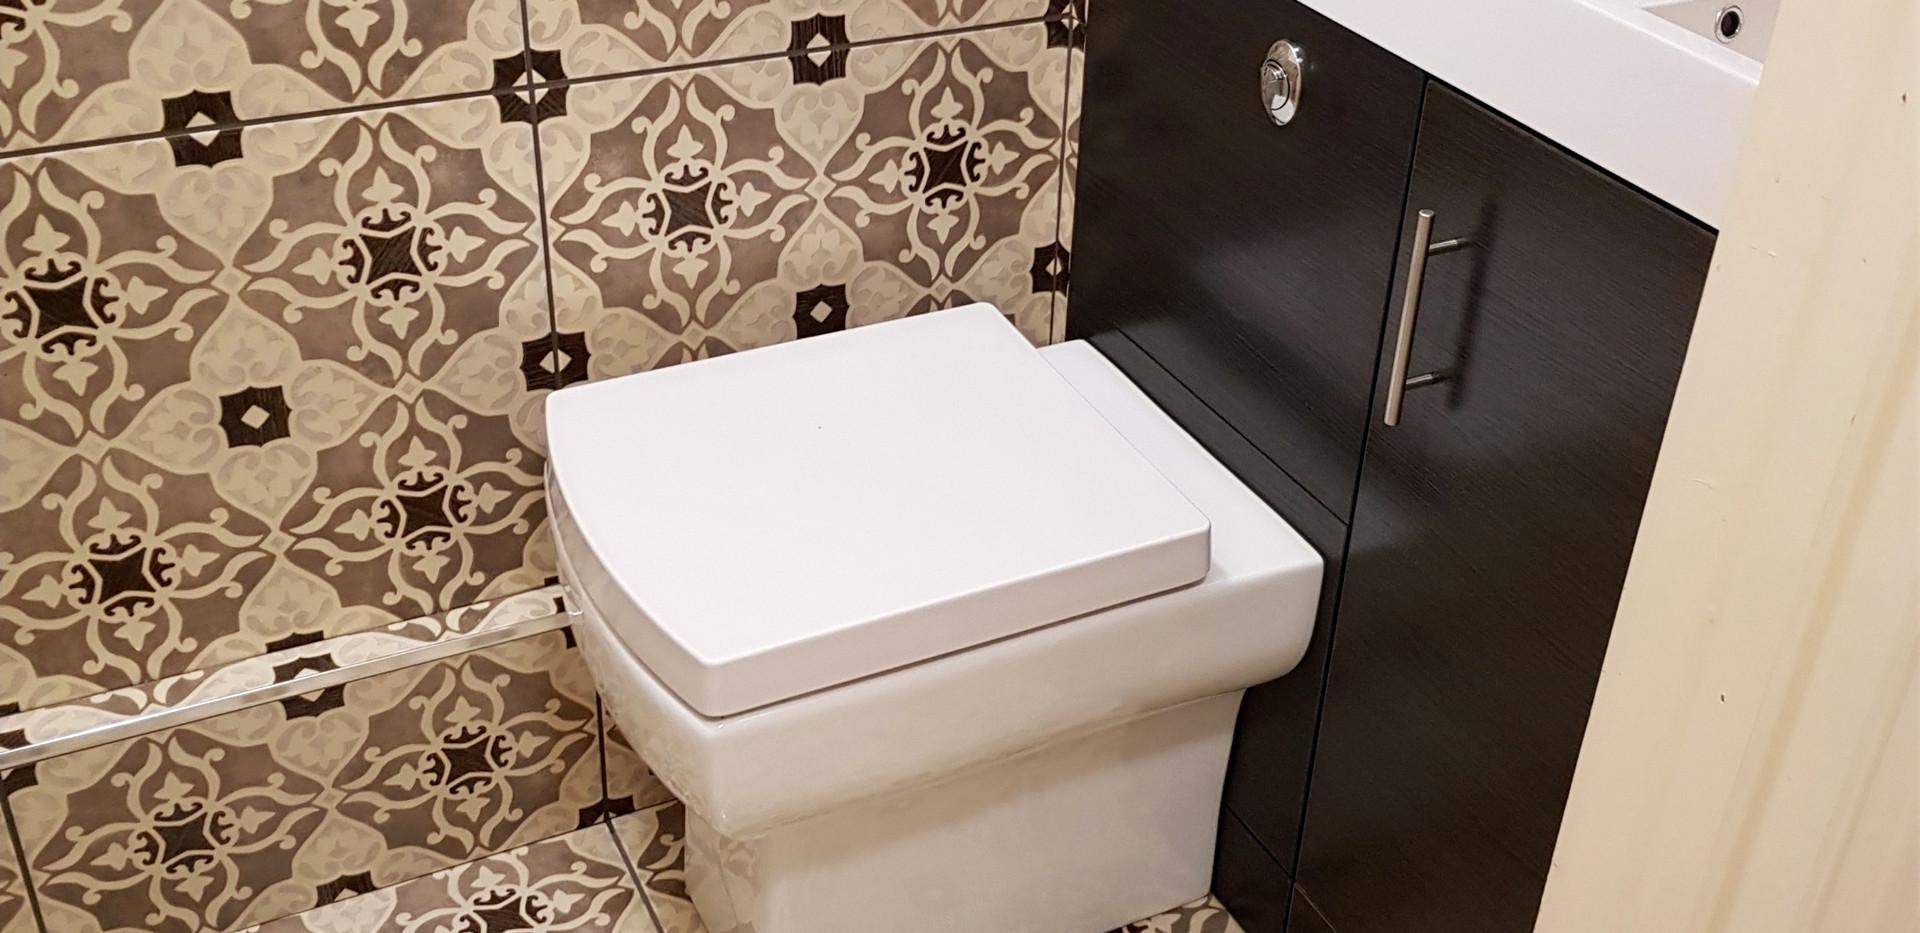 Cloakroom toilet sink tiling